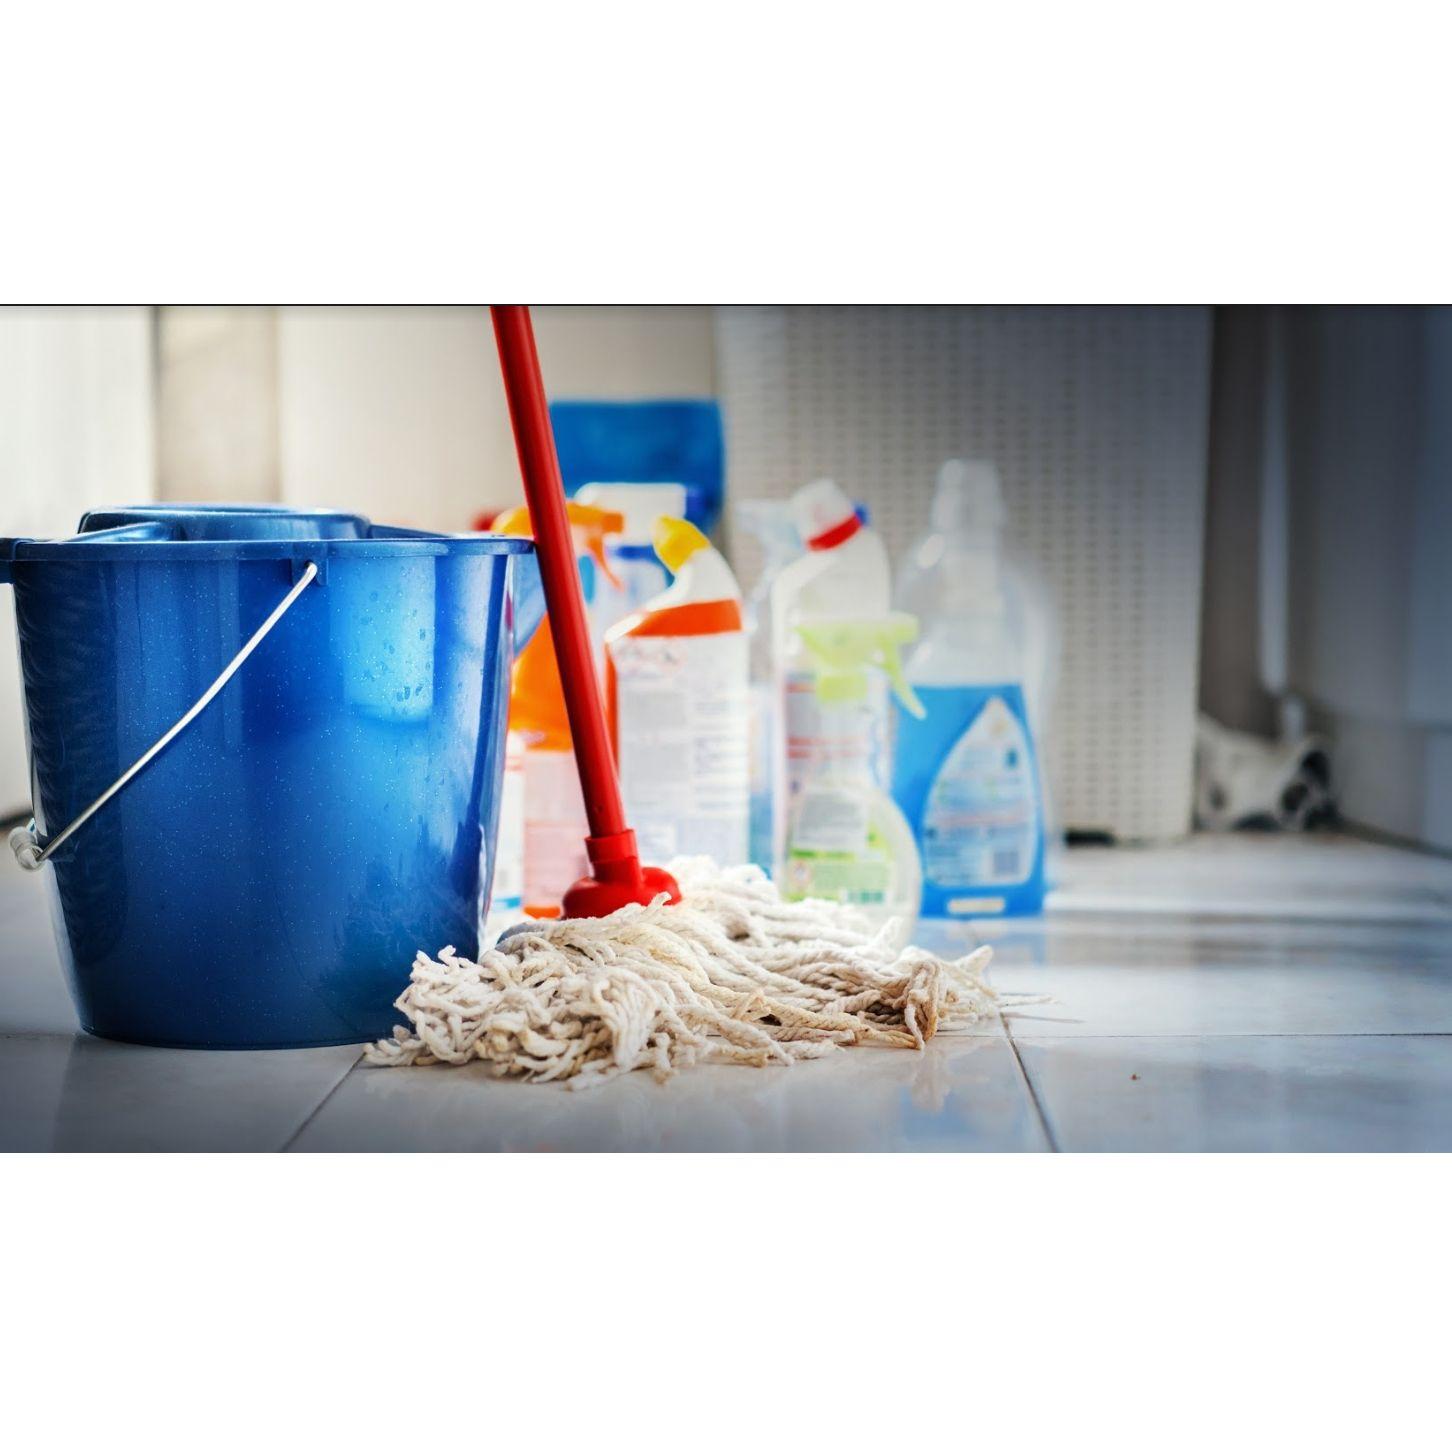 Deportivos y gimnasios: Servicios de Limpiezas y Pinturas  Karkach